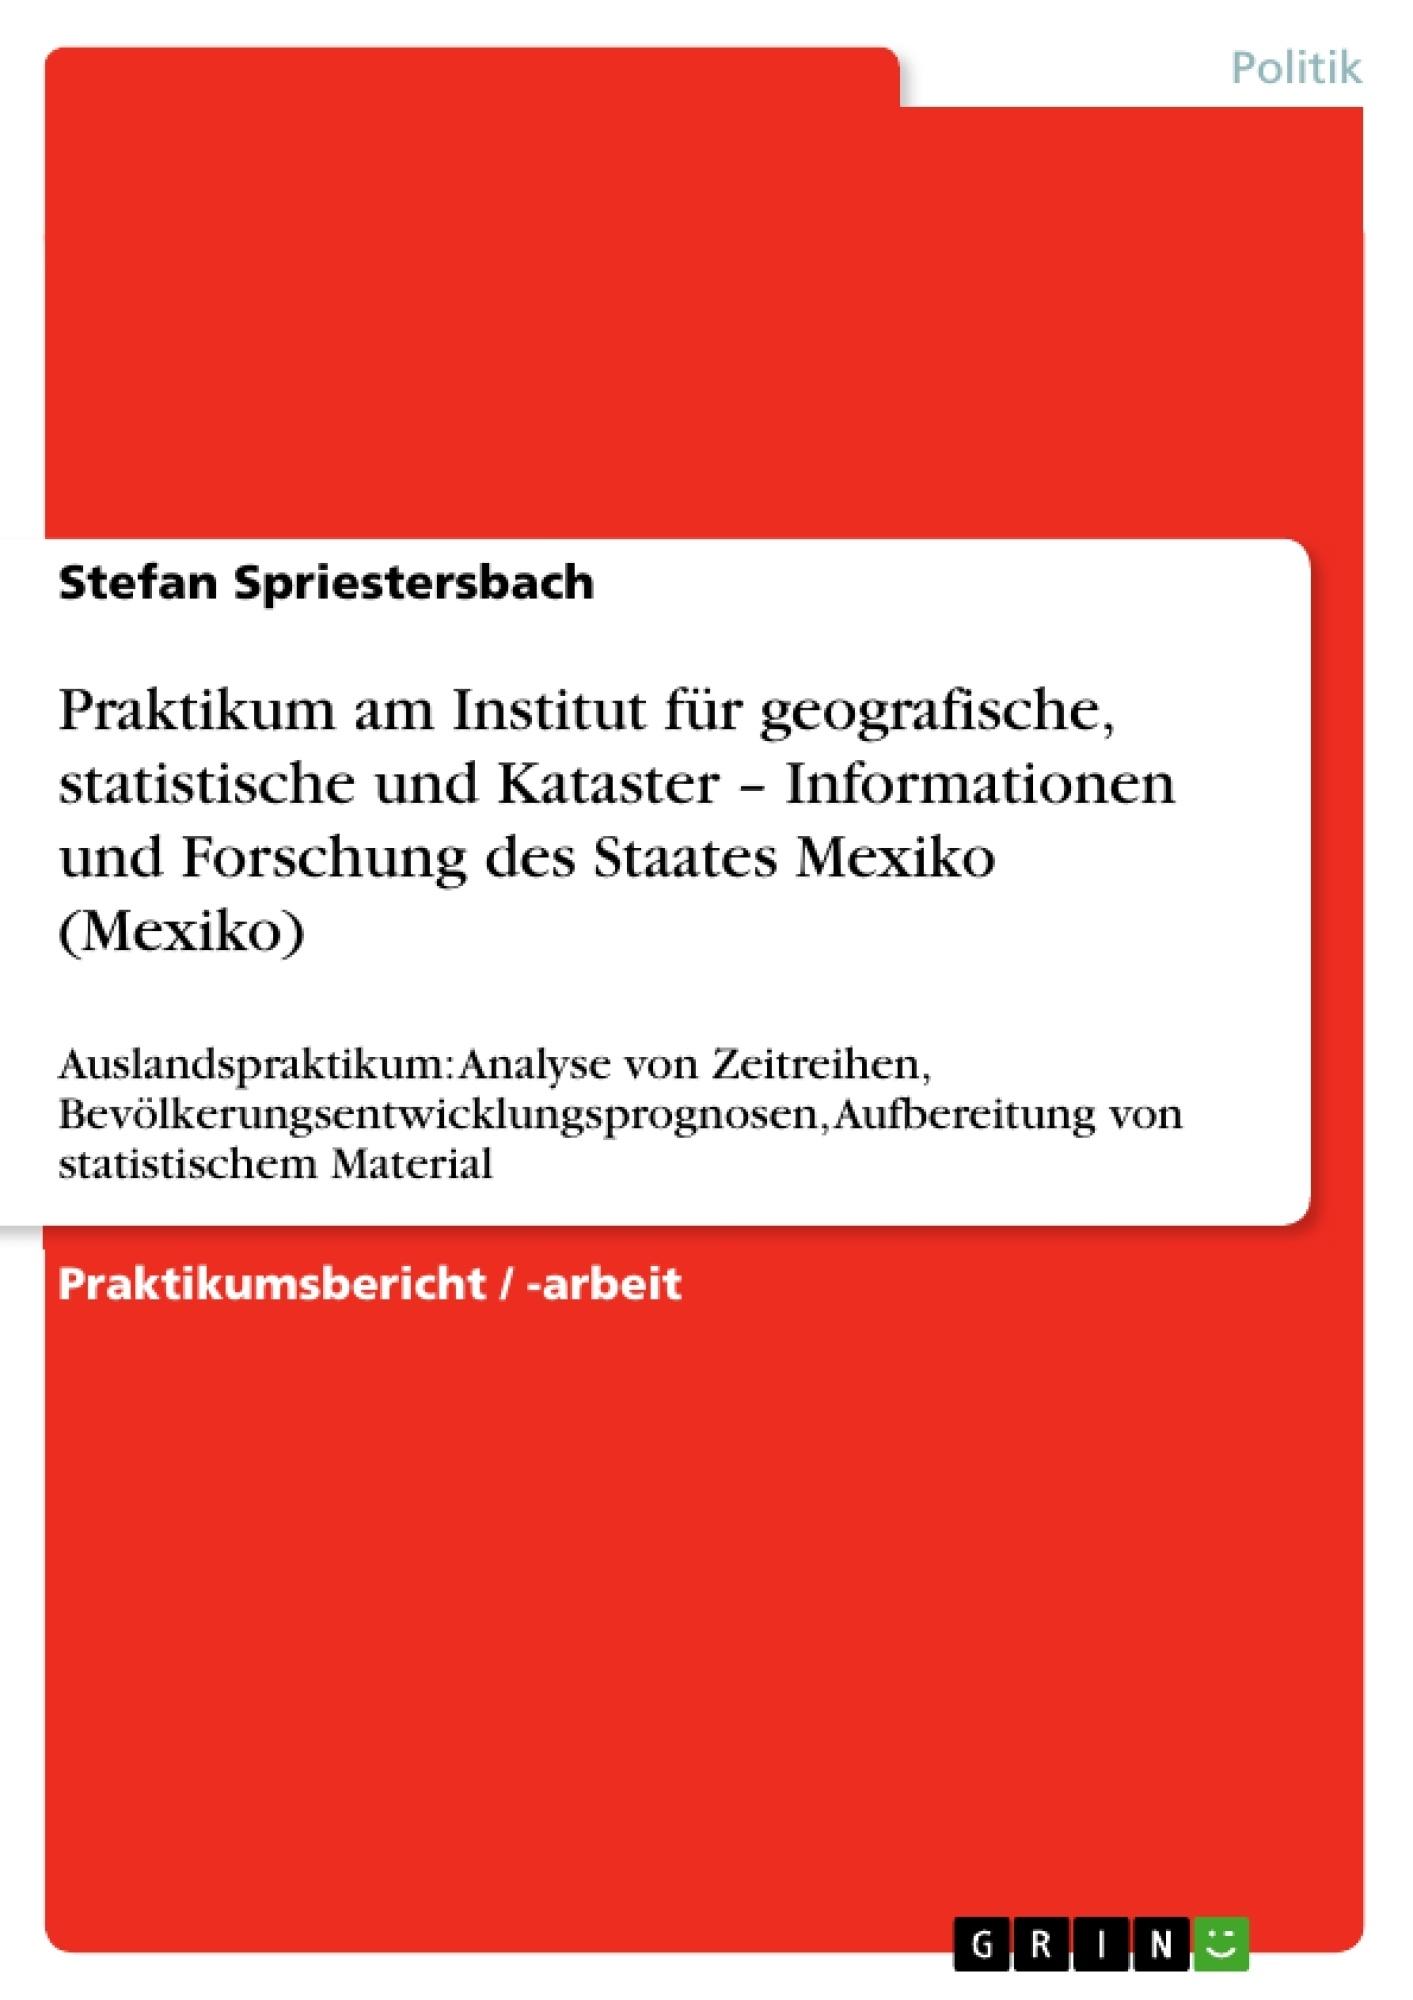 Titel: Praktikum am Institut für geografische, statistische und Kataster – Informationen und Forschung des Staates Mexiko (Mexiko)